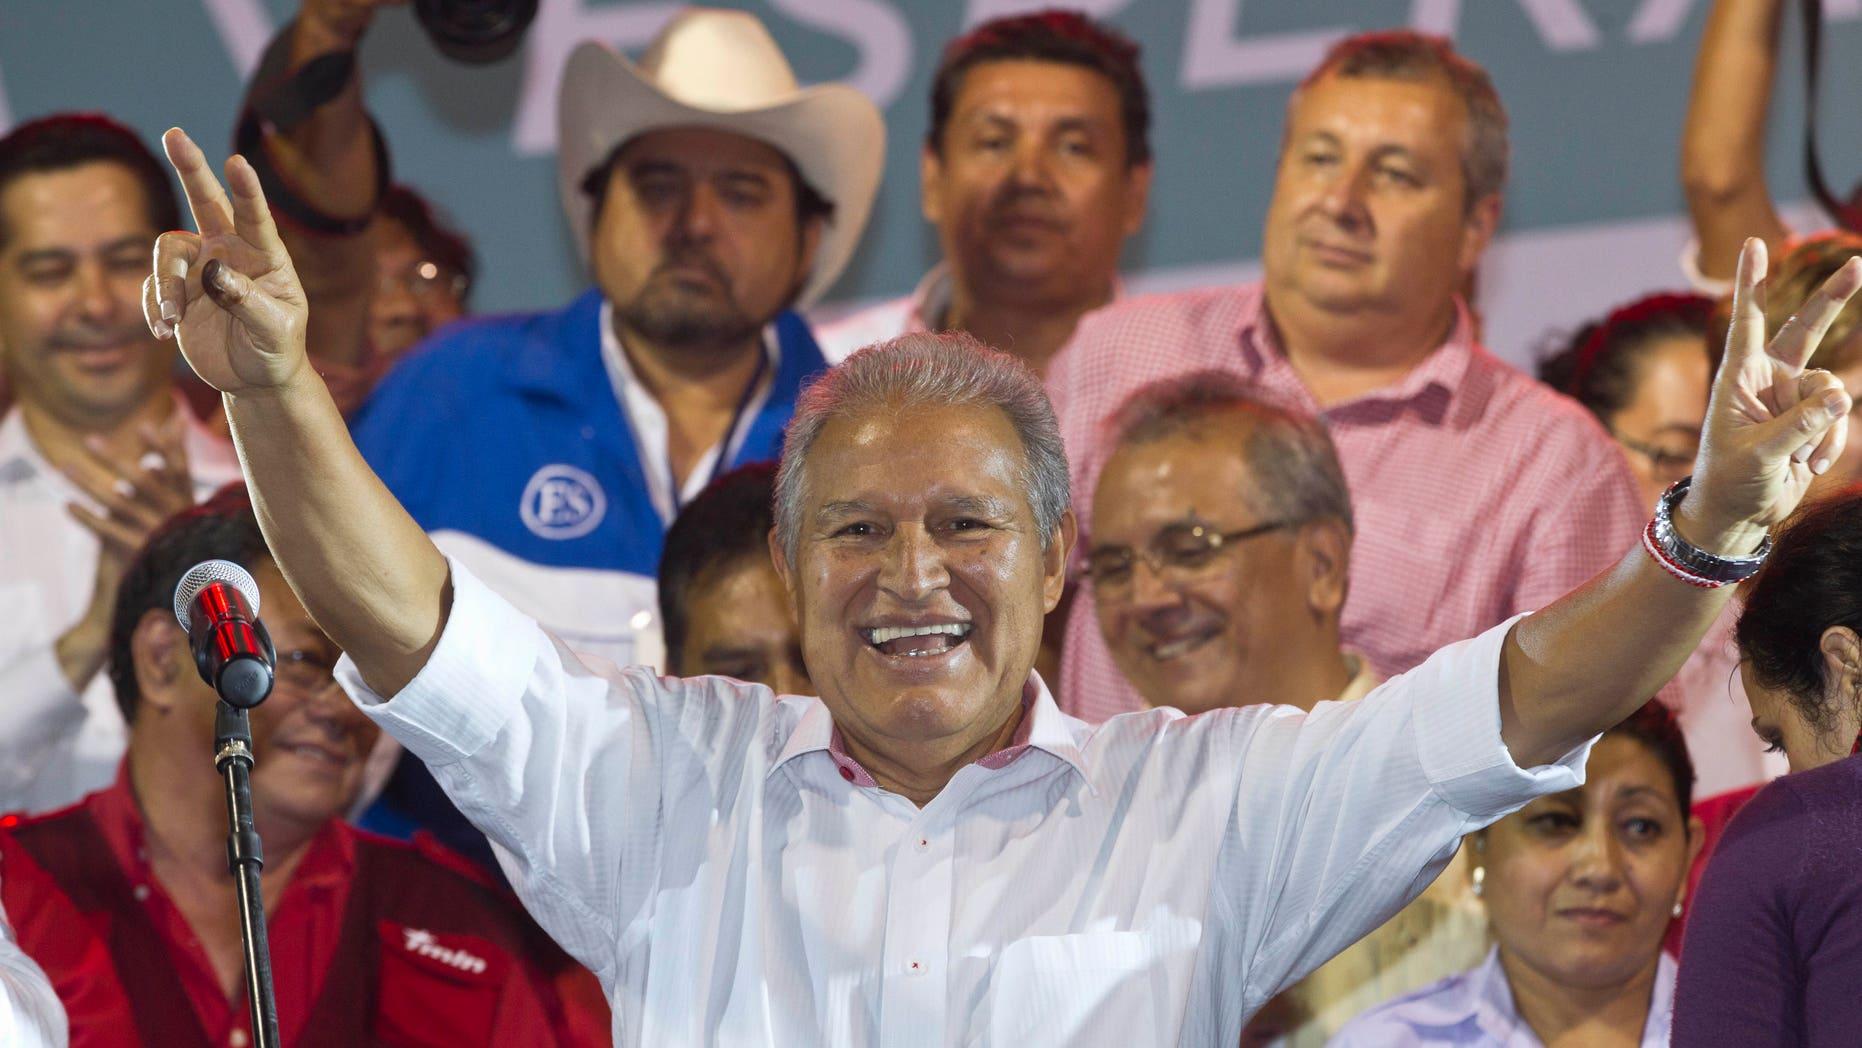 Salvador Sanchez Cerén, president of El Salvador.